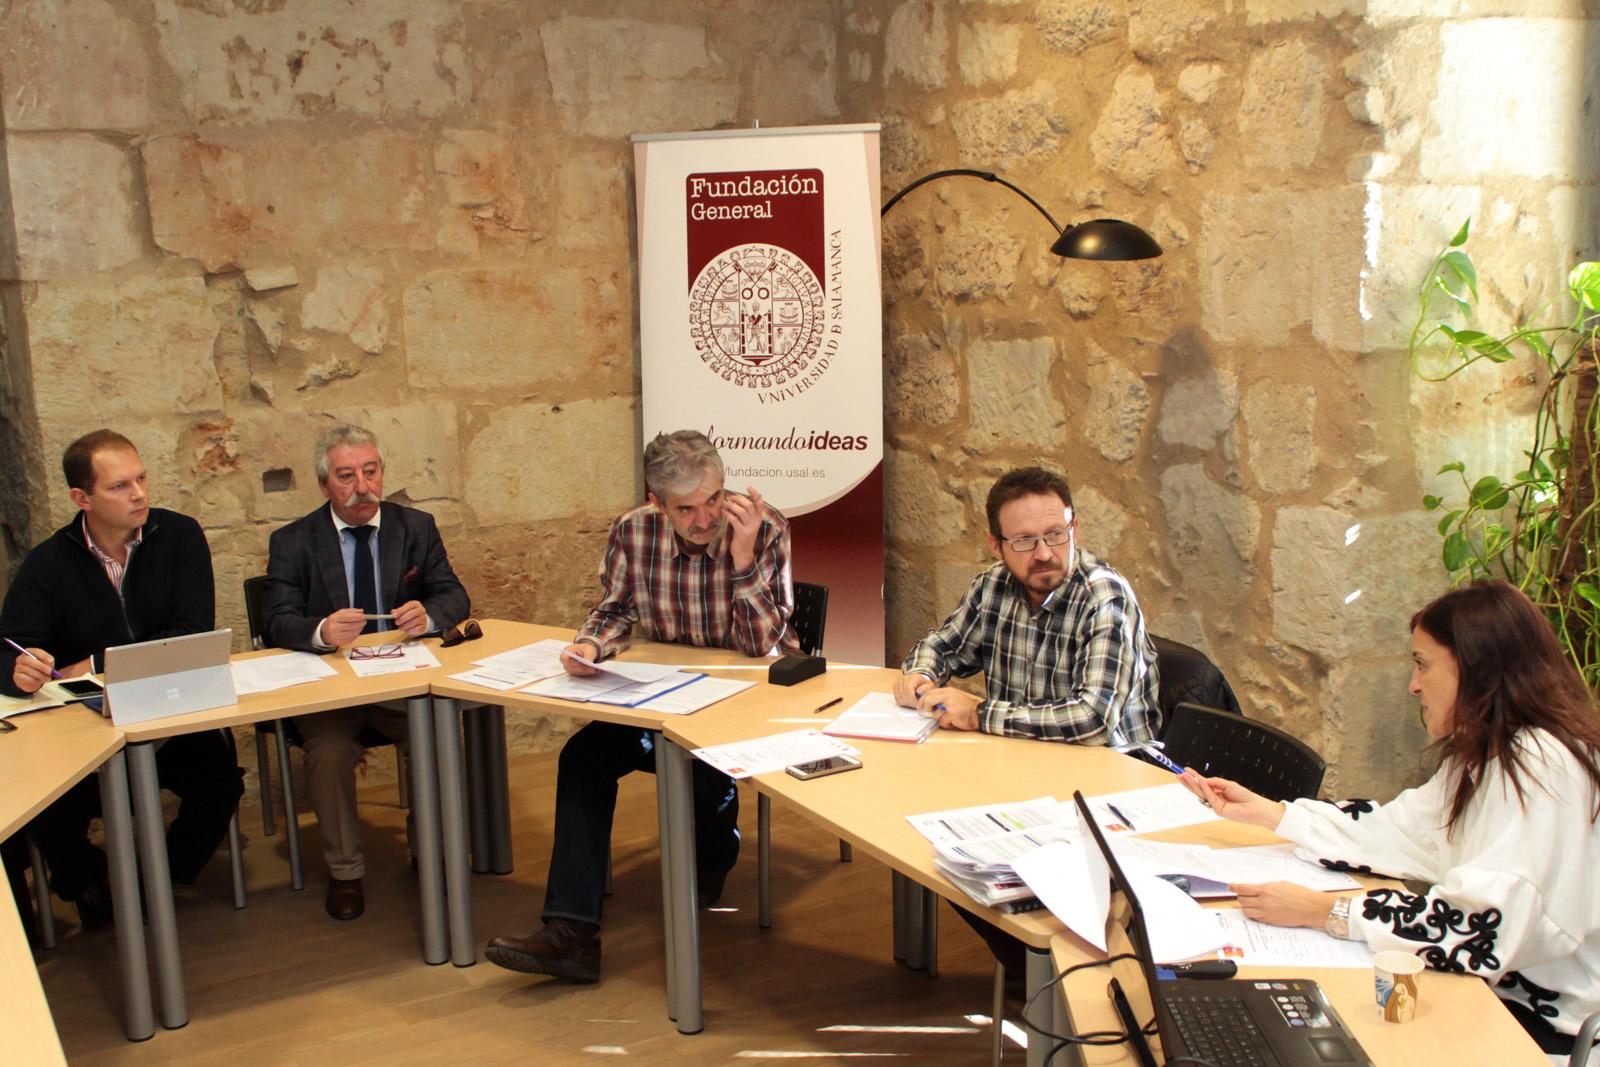 La Fundación General de la Universidad de Salamanca organiza la reunión hispanolusa sobre emprendimiento transfronterizo del programa BINSAL EMPRENDE